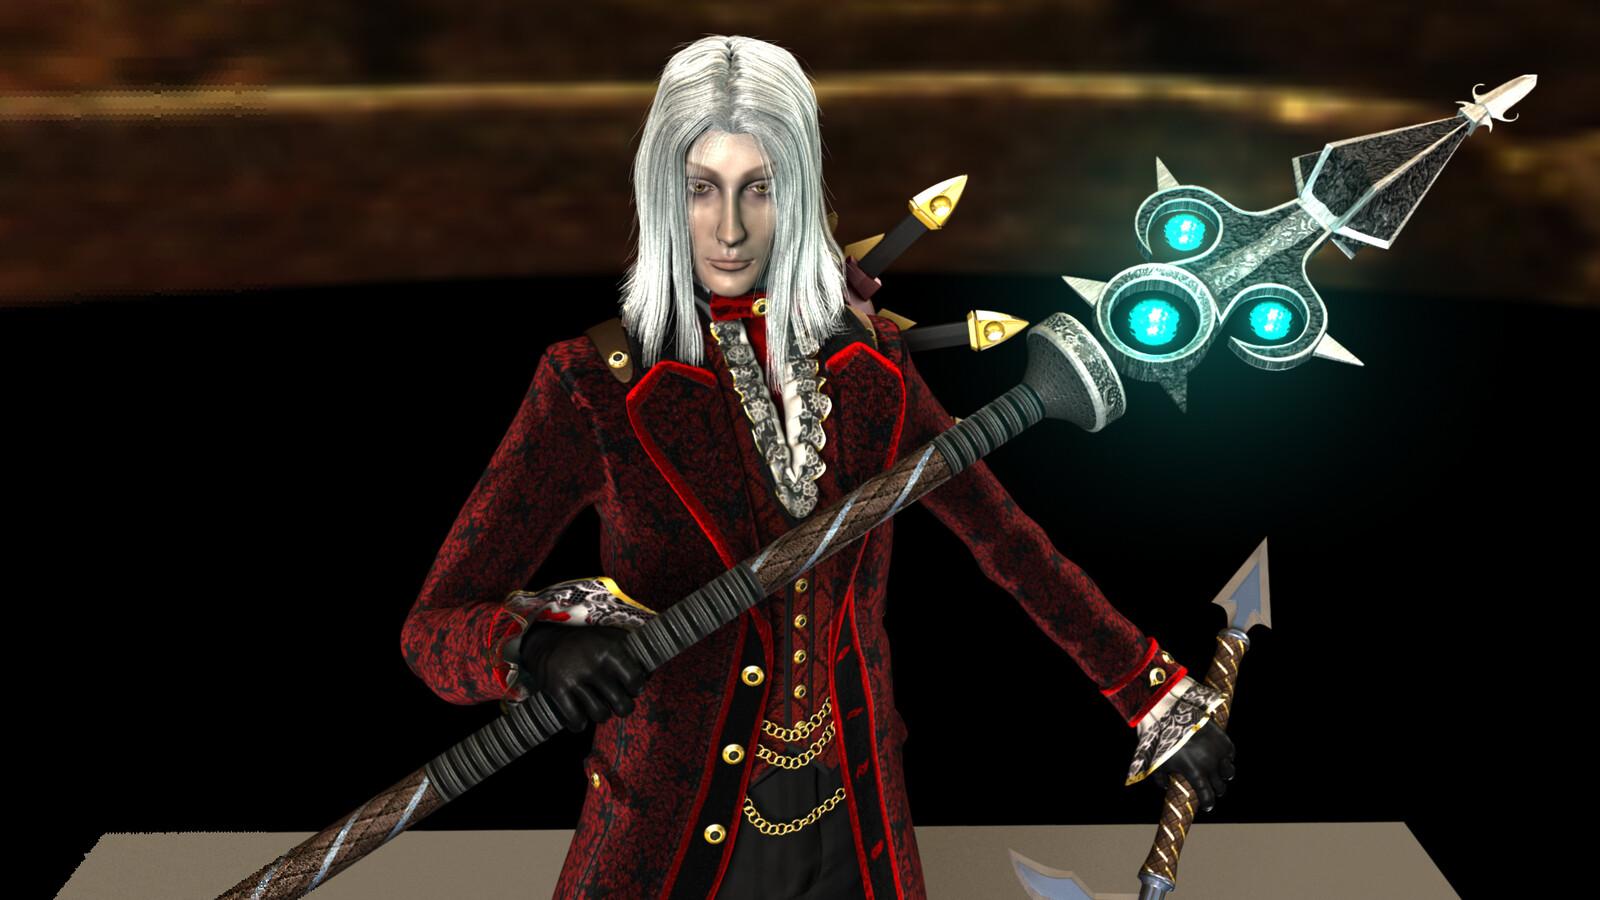 Guild Wars 2 Reaper